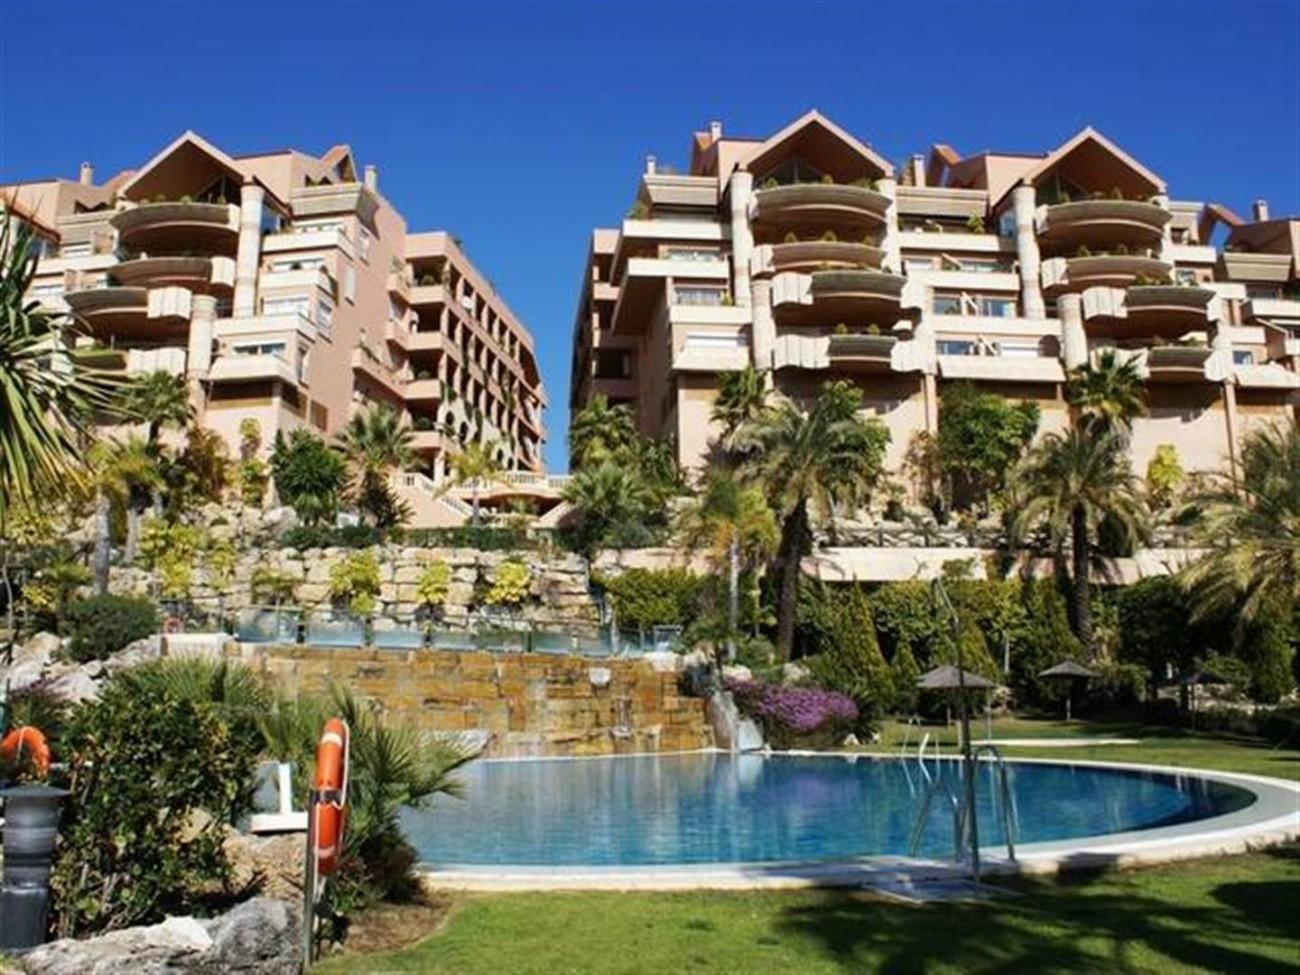 A5520 Apartment Nueva Andalucia 10 (Large)